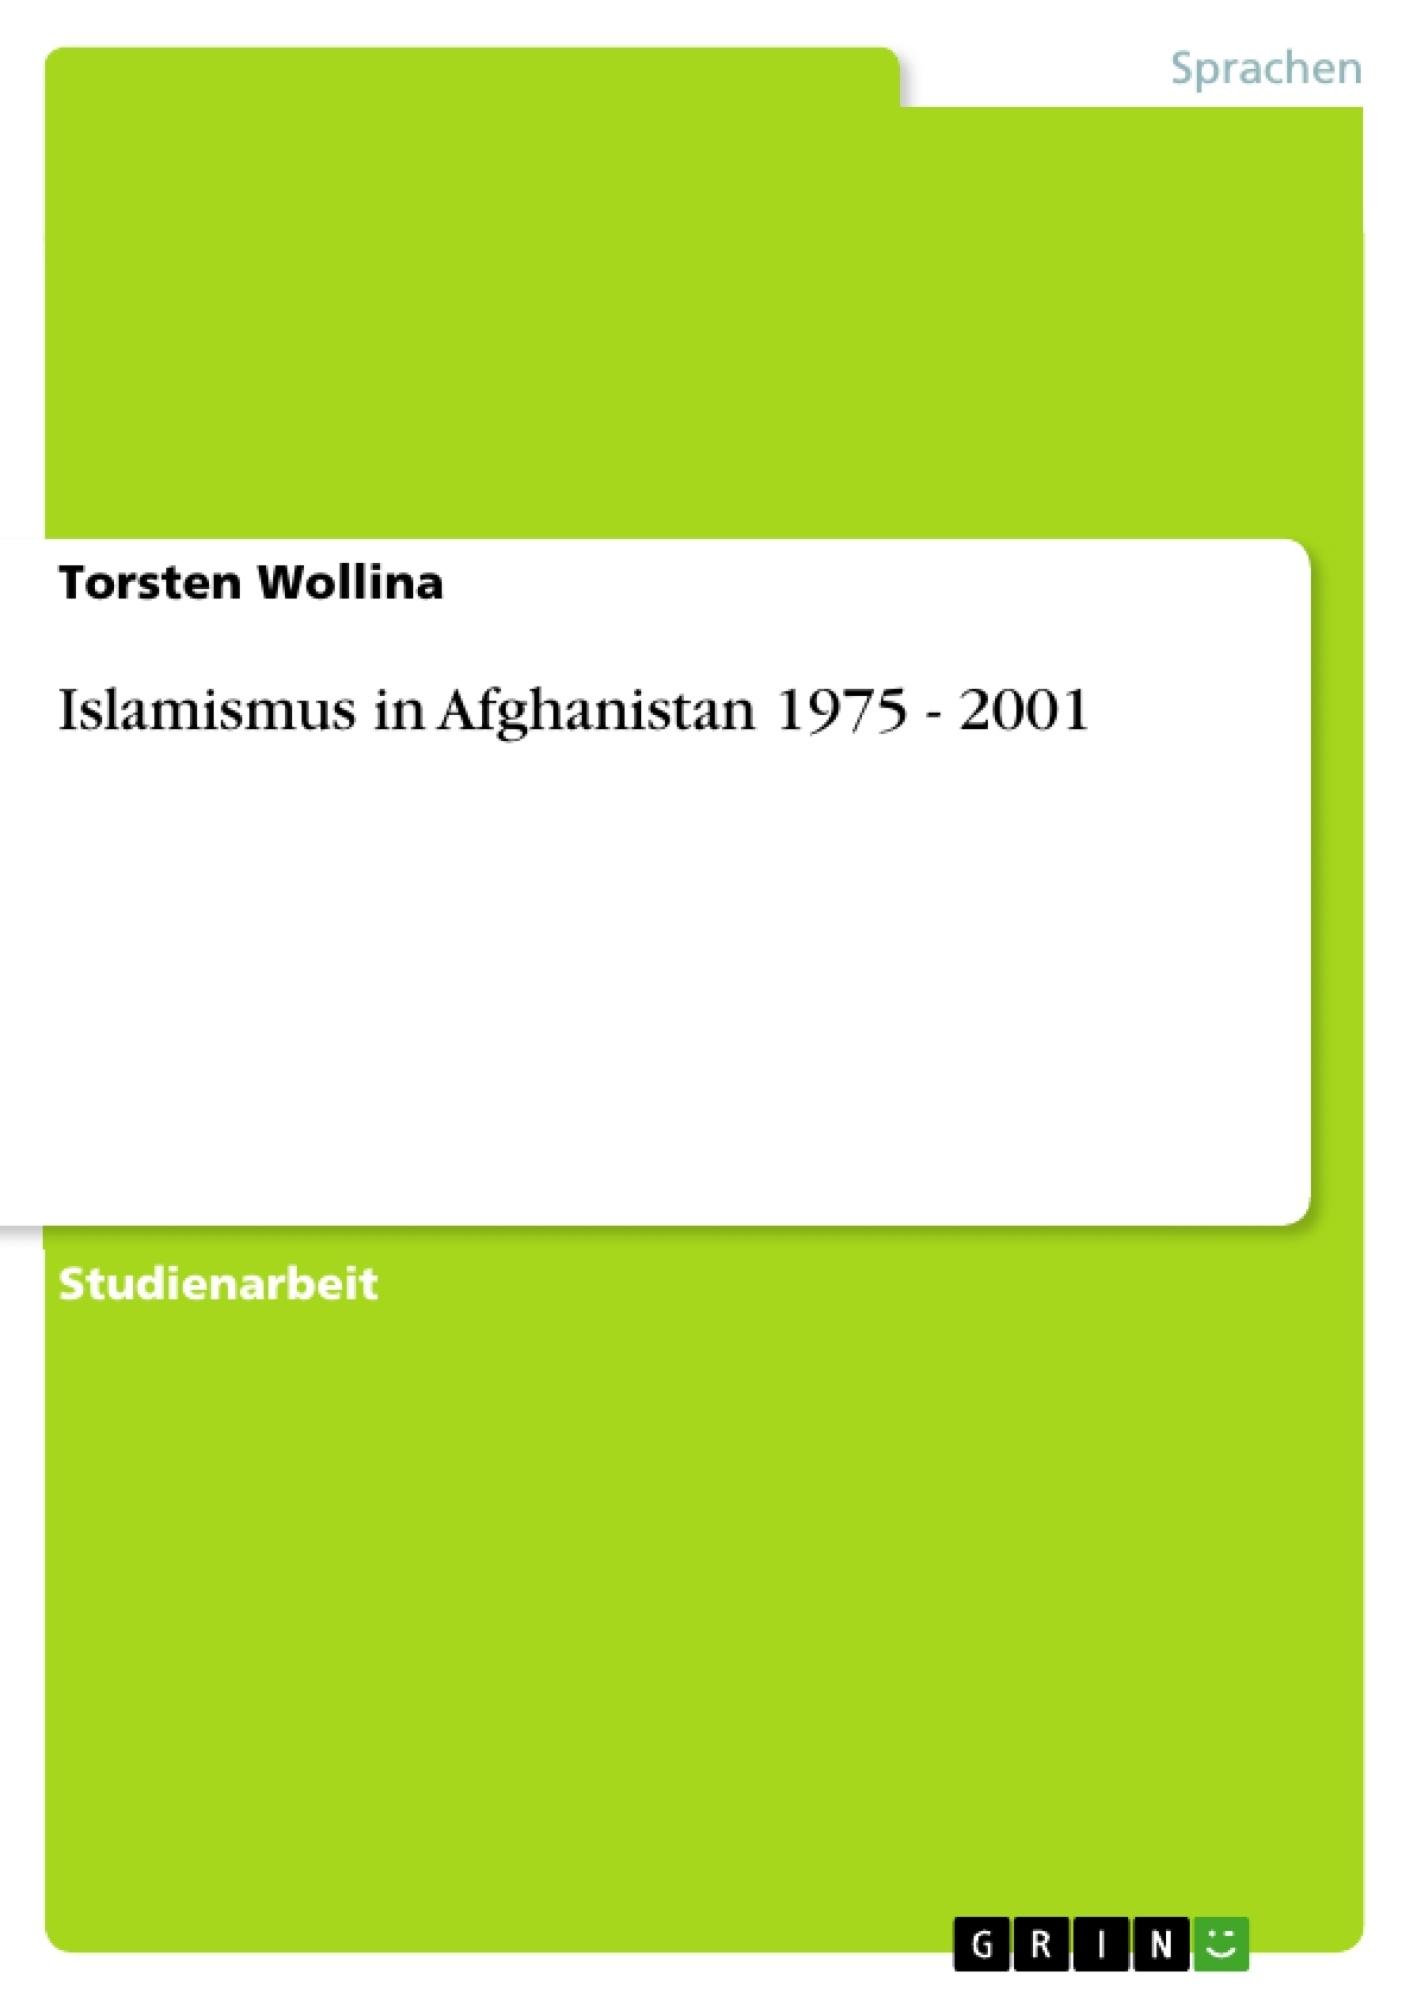 Titel: Islamismus in Afghanistan 1975 - 2001